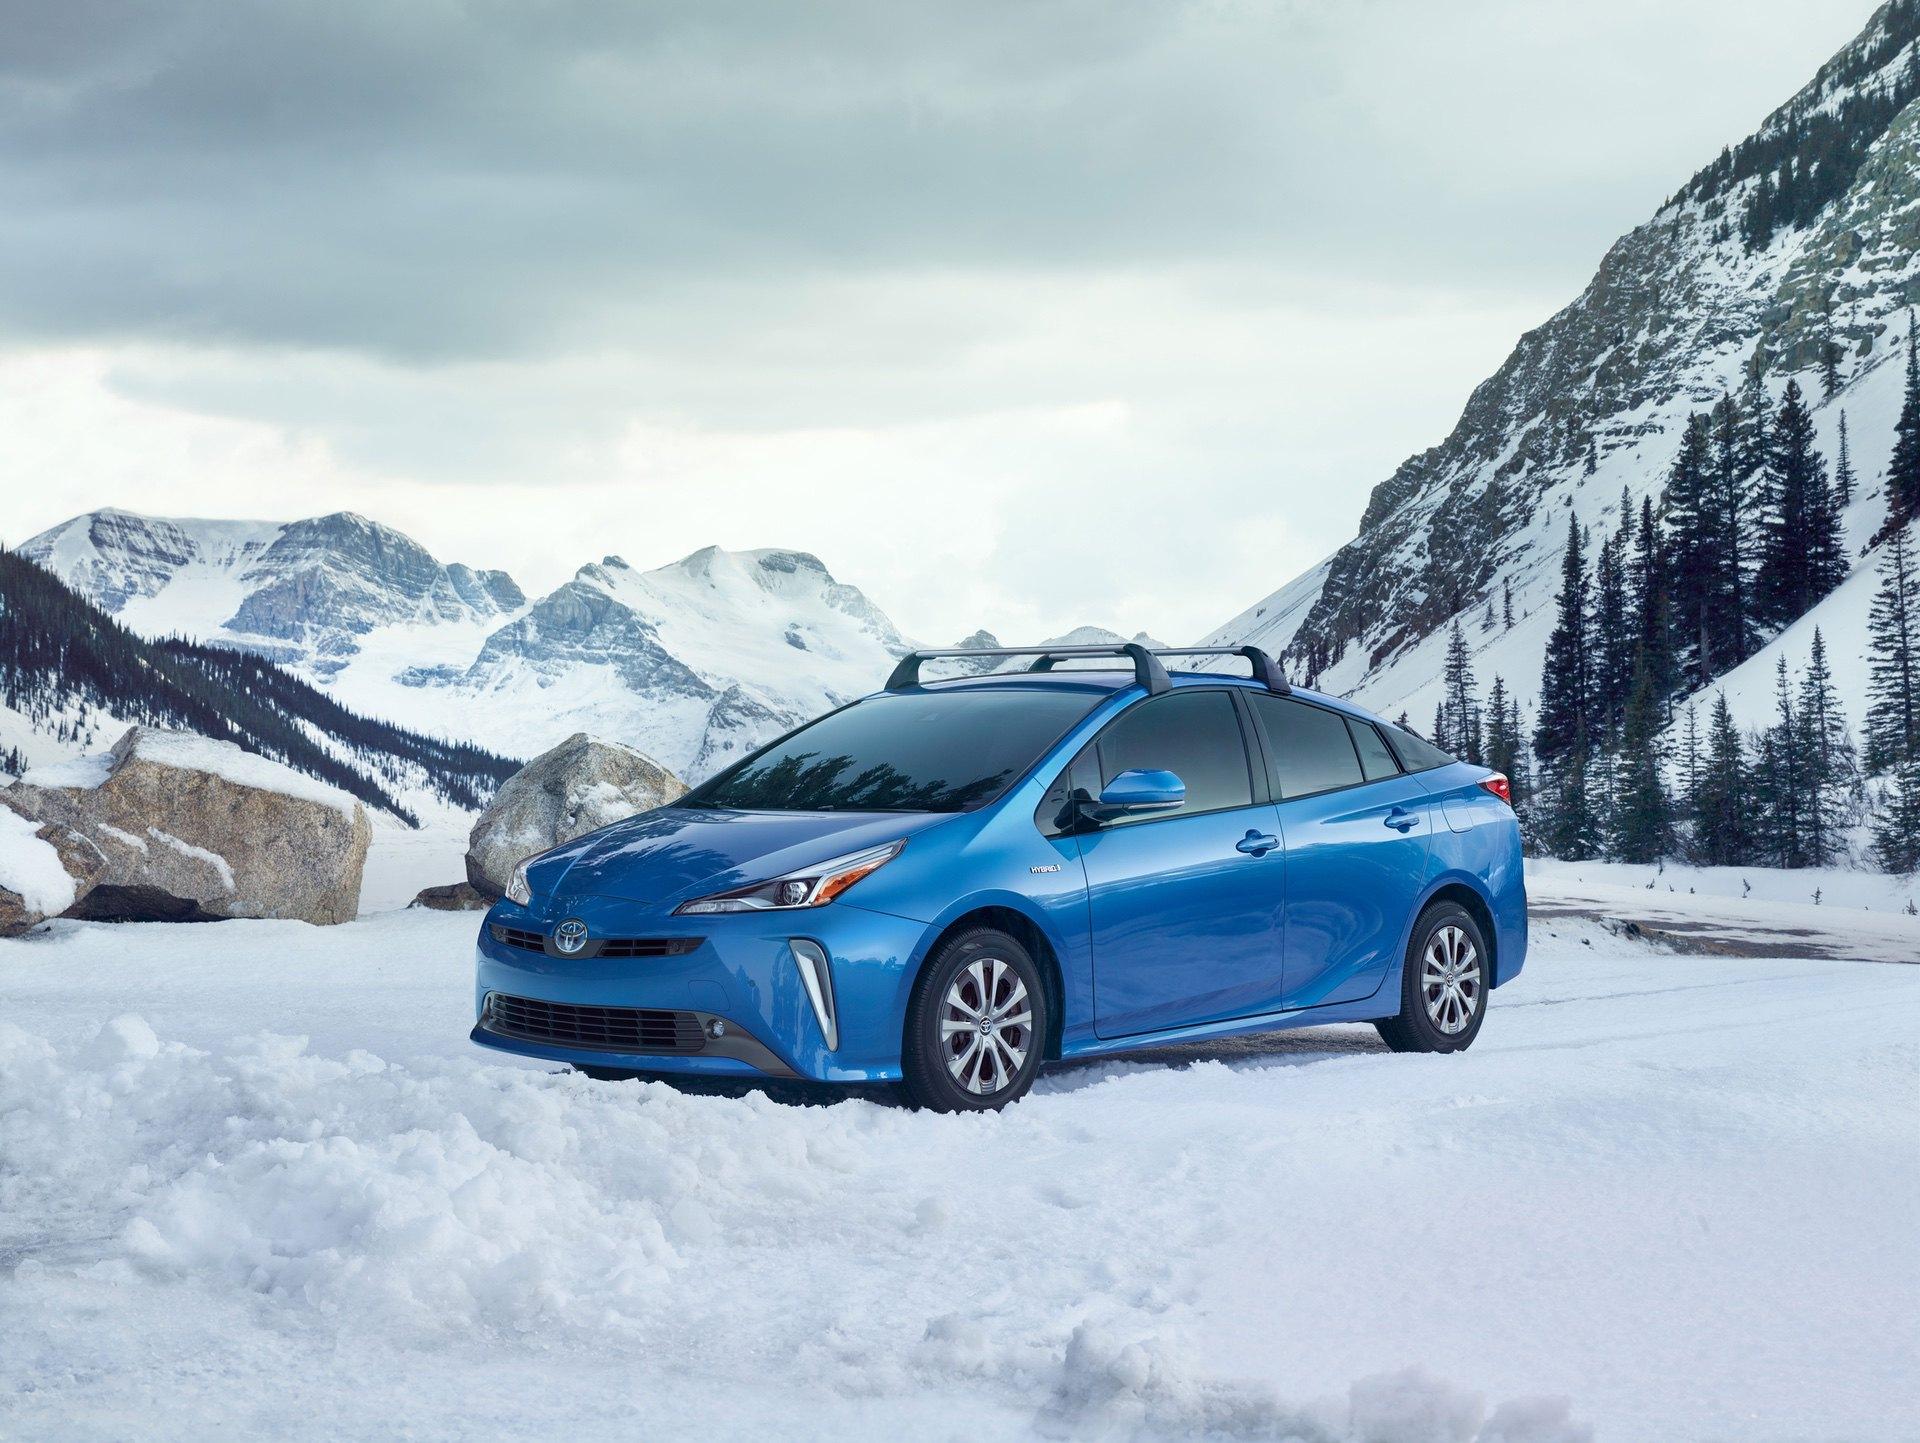 2019_Toyota_Prius_facelift0004